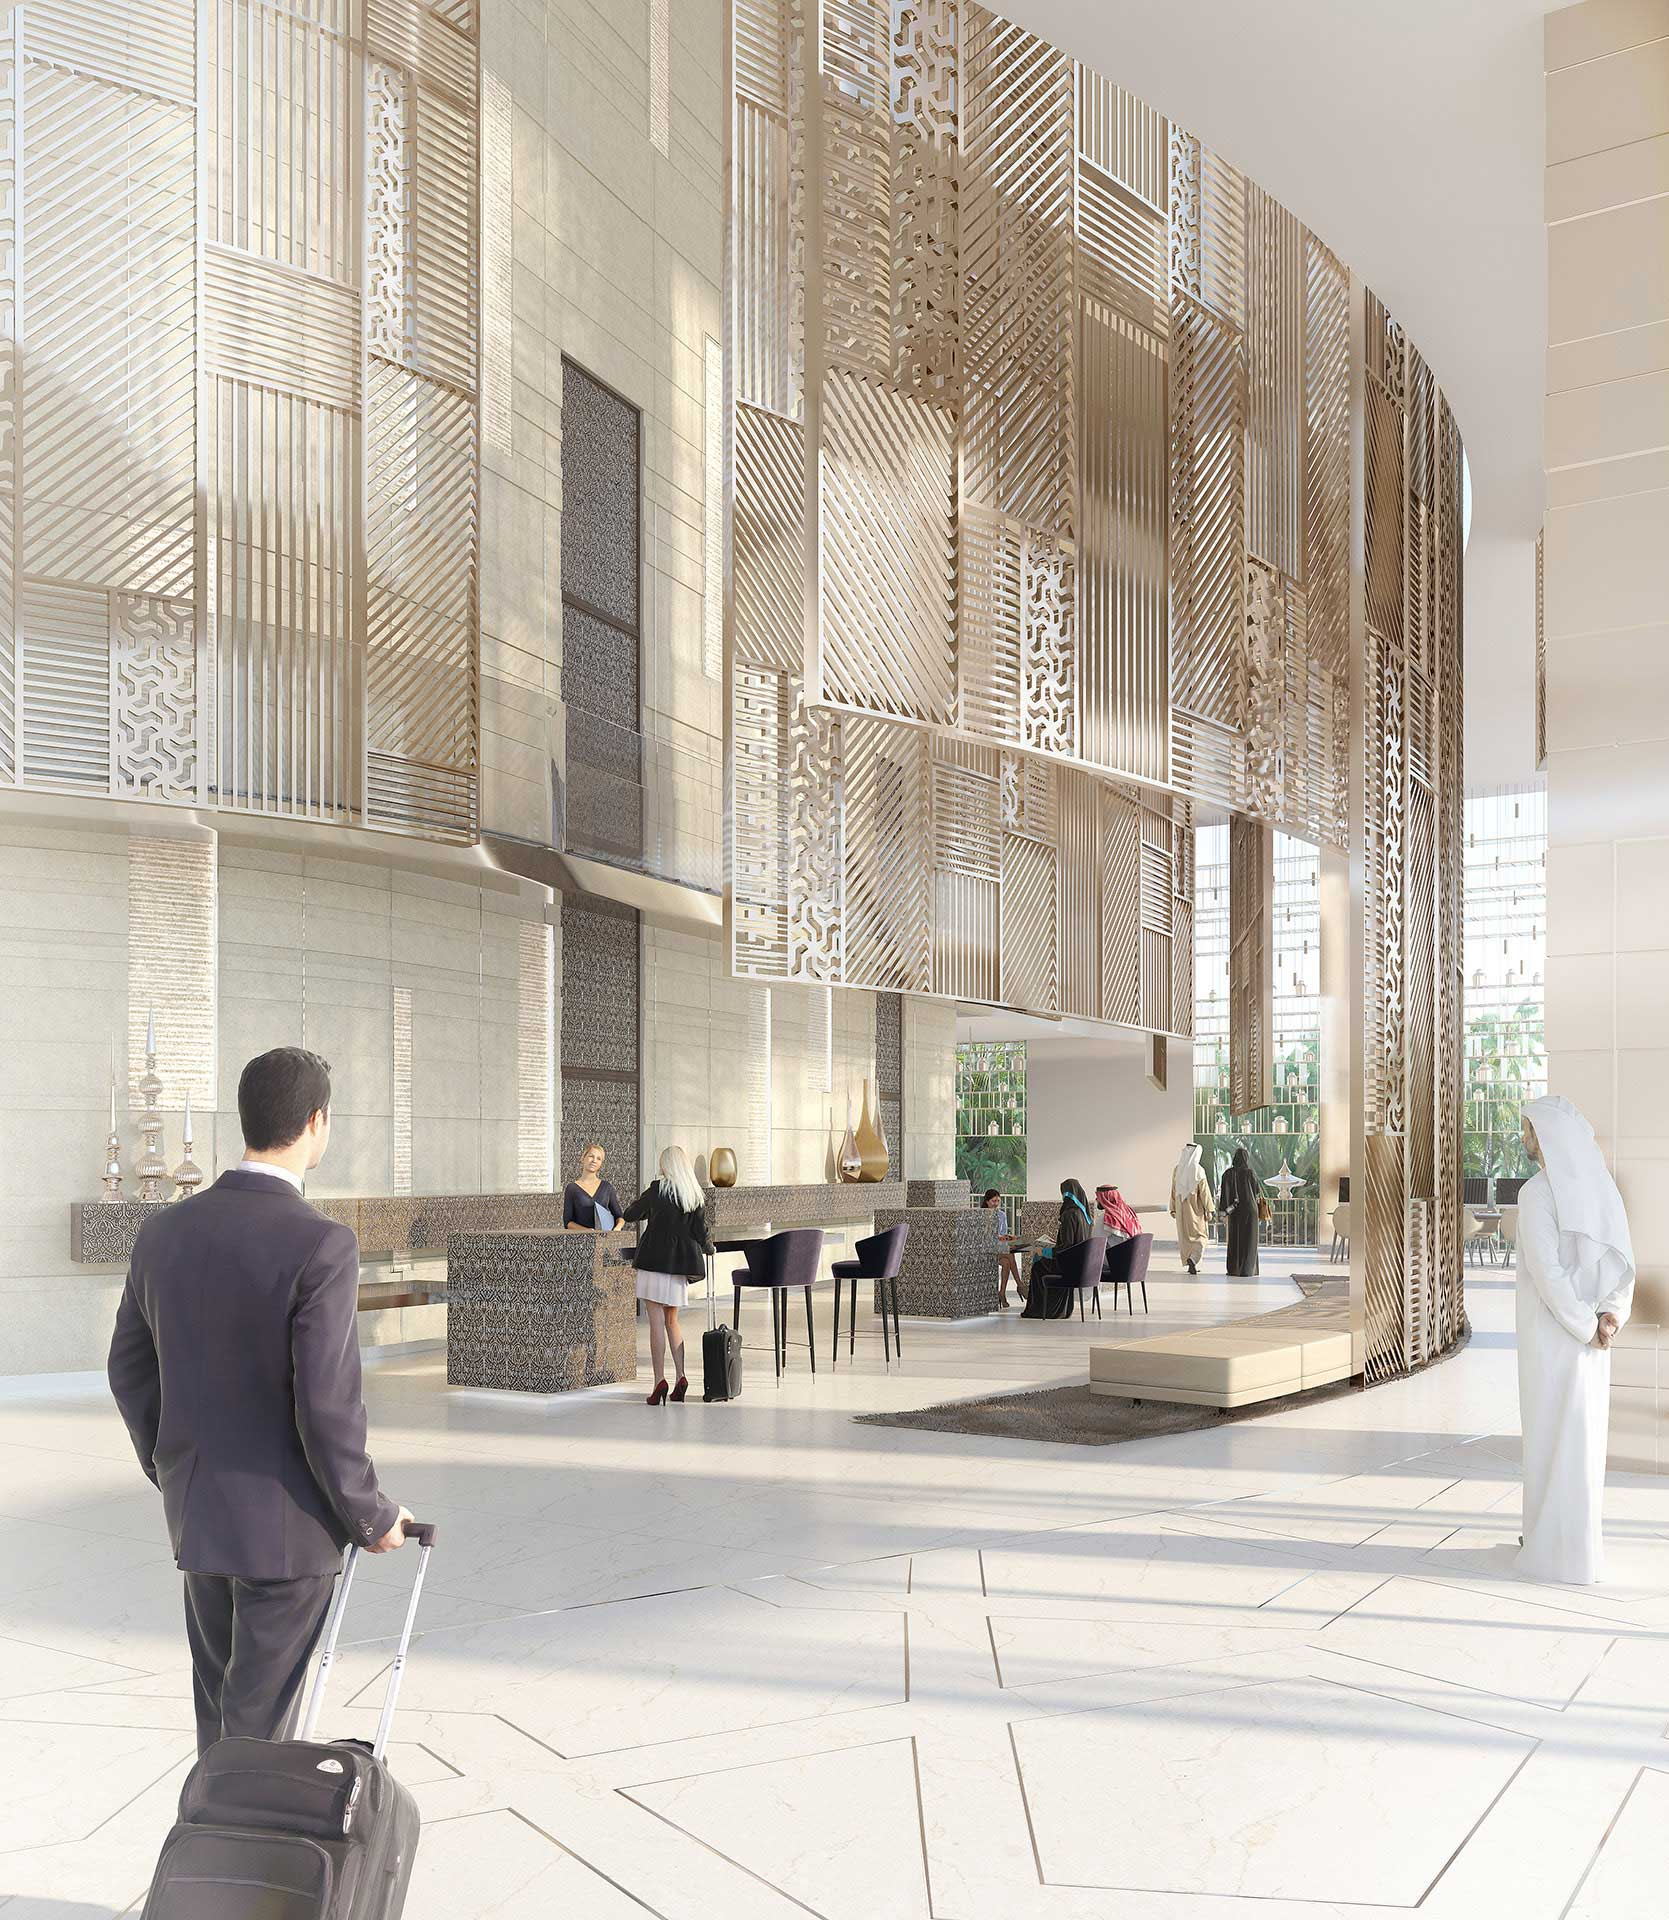 Photo réaliste lobby en image de synthèse - infographie 3D.